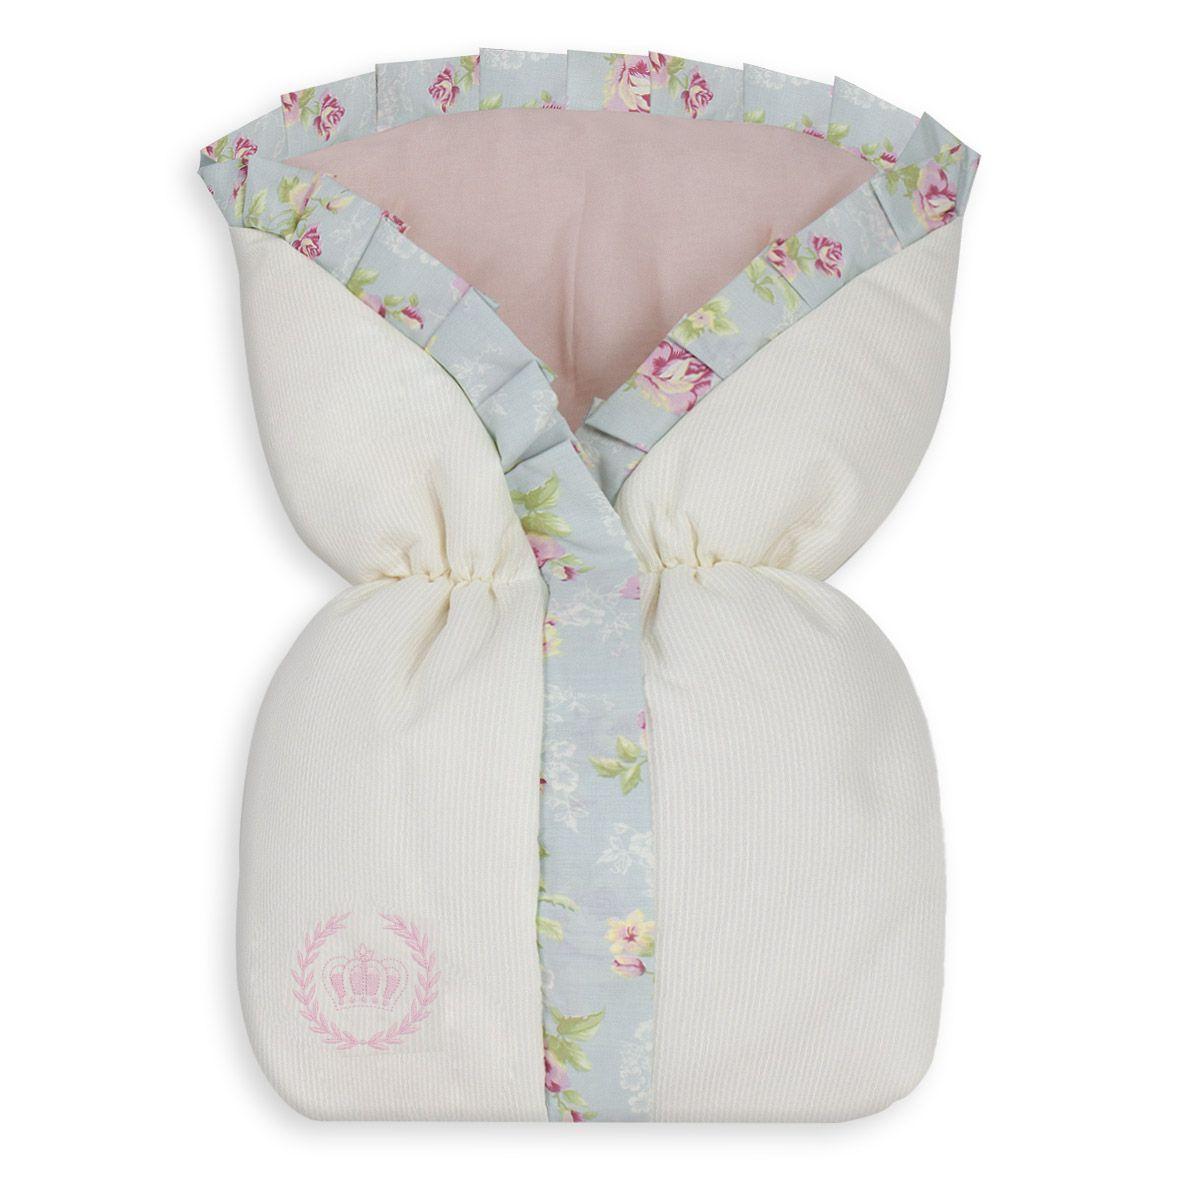 Saco de Bebê 100% Algodão Ursa Realeza Floral